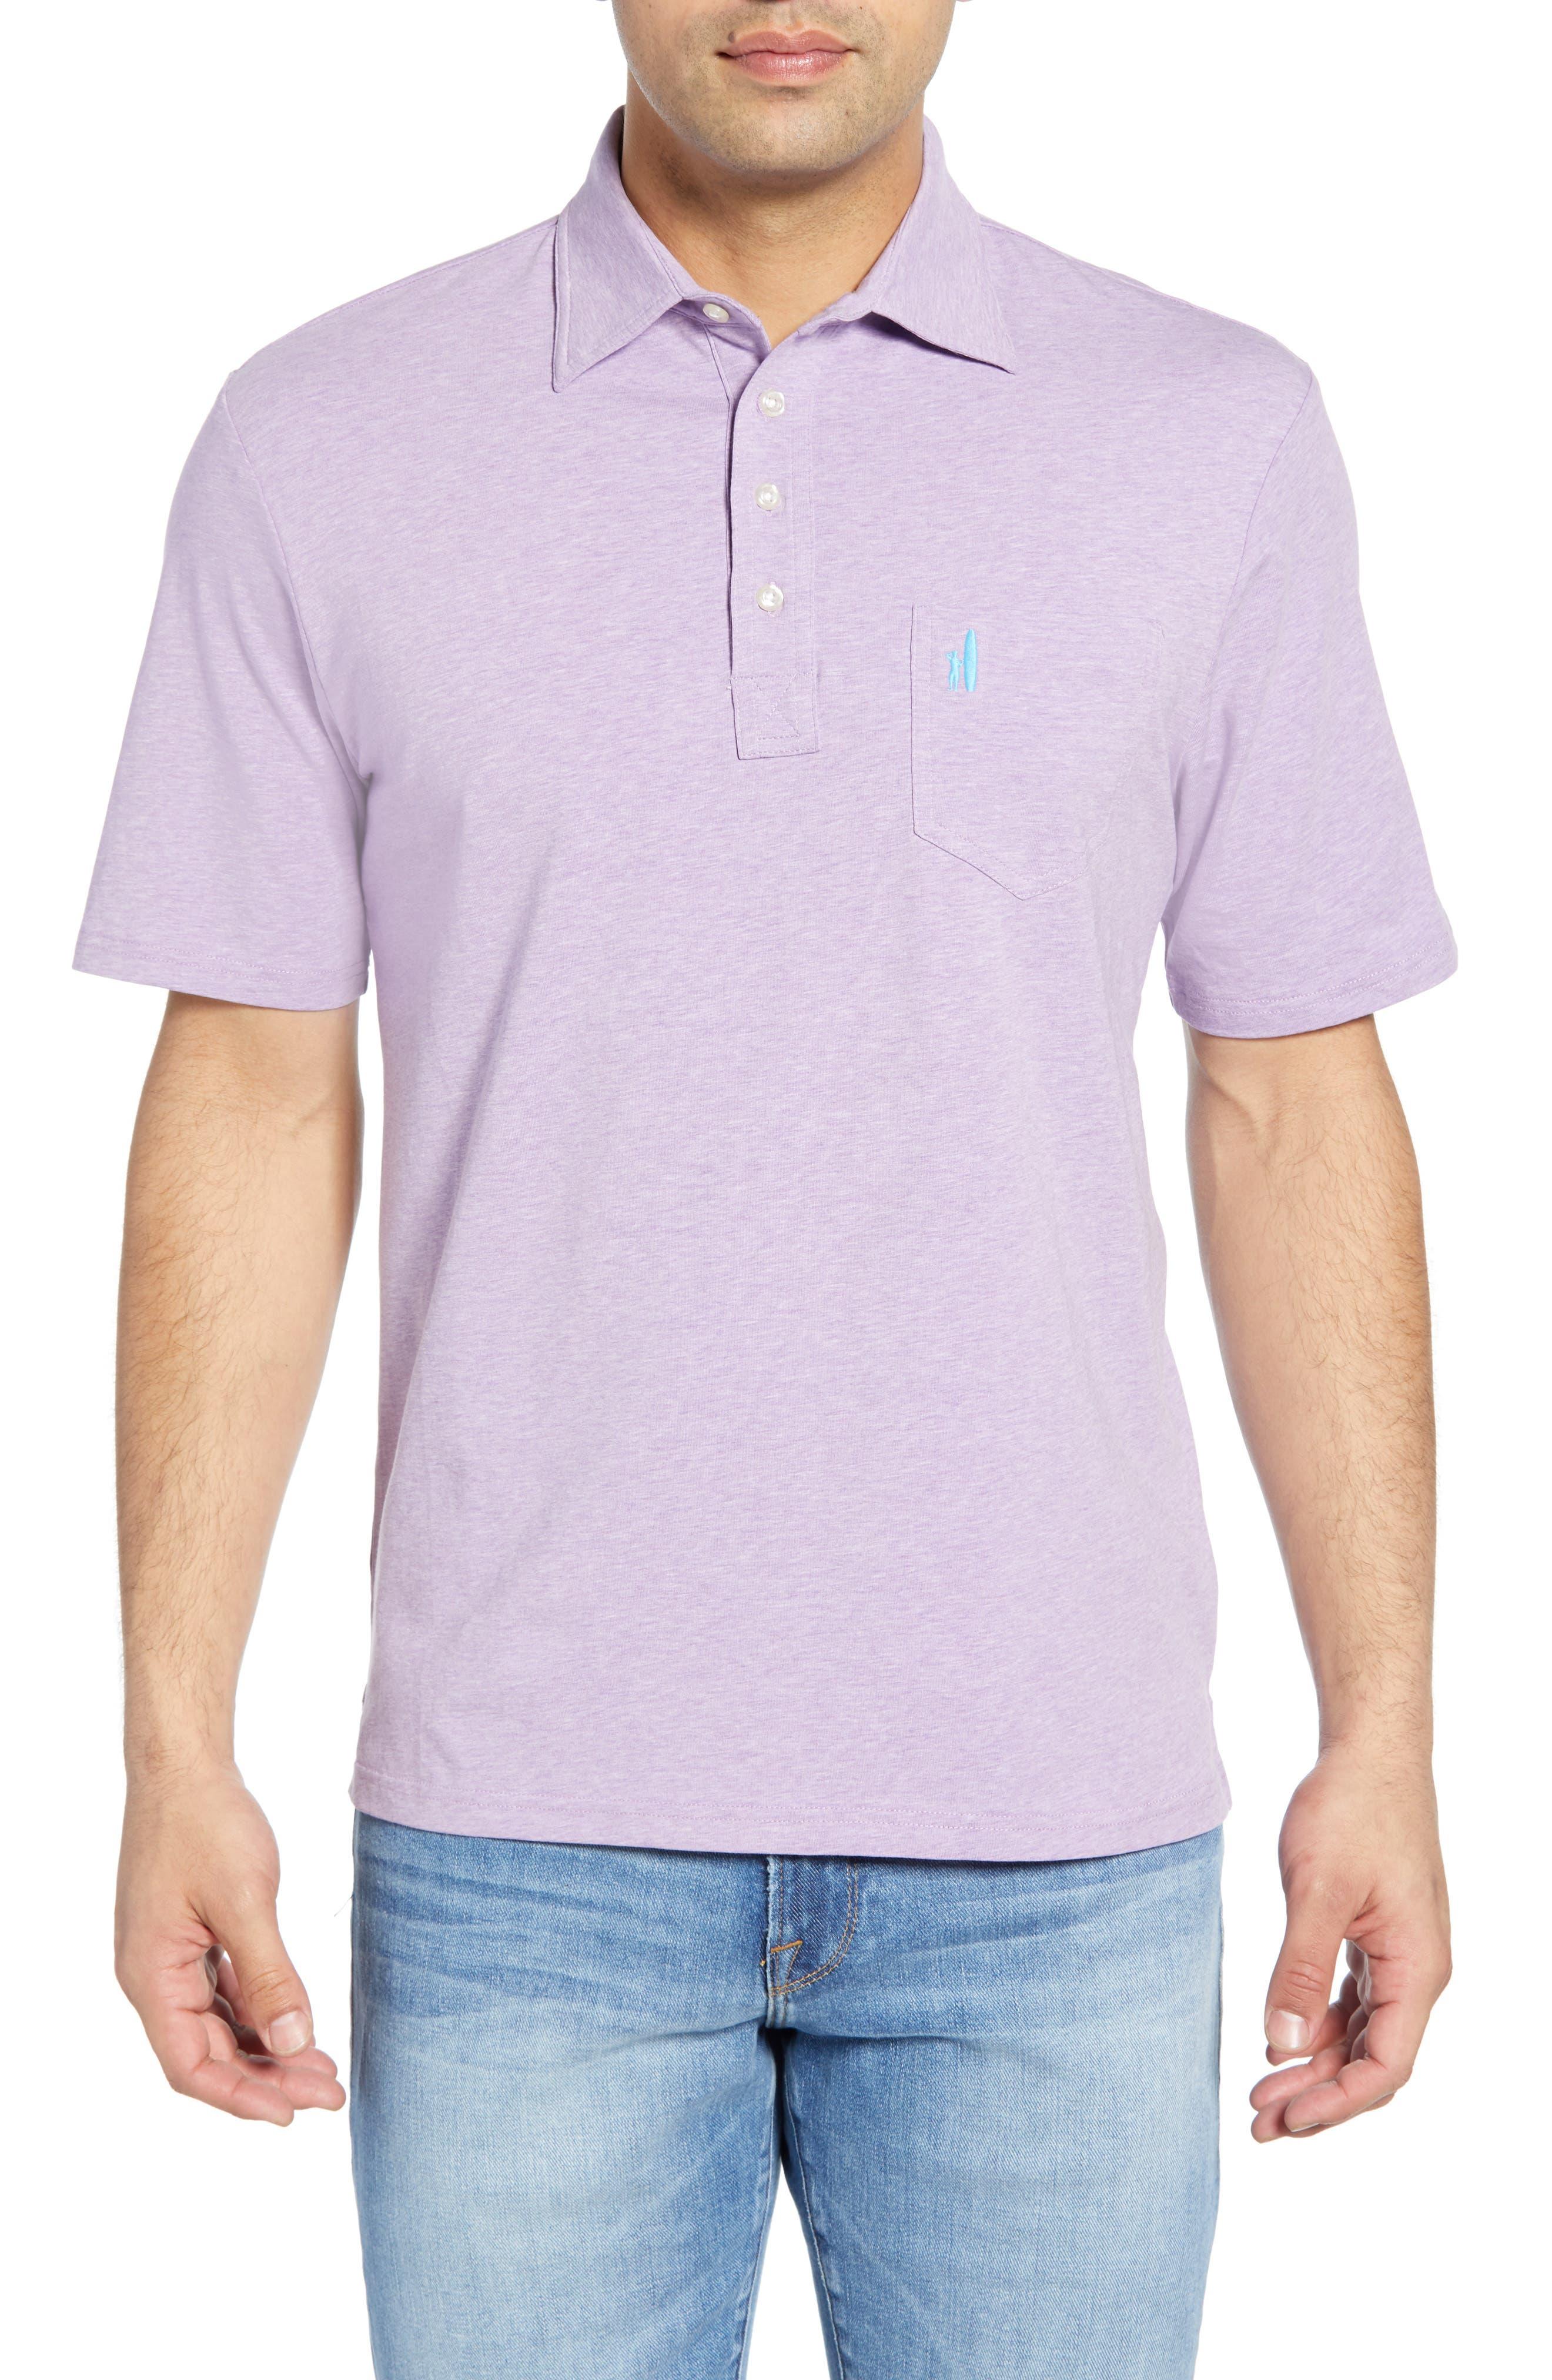 Johnnie-O Heathered Polo, Purple